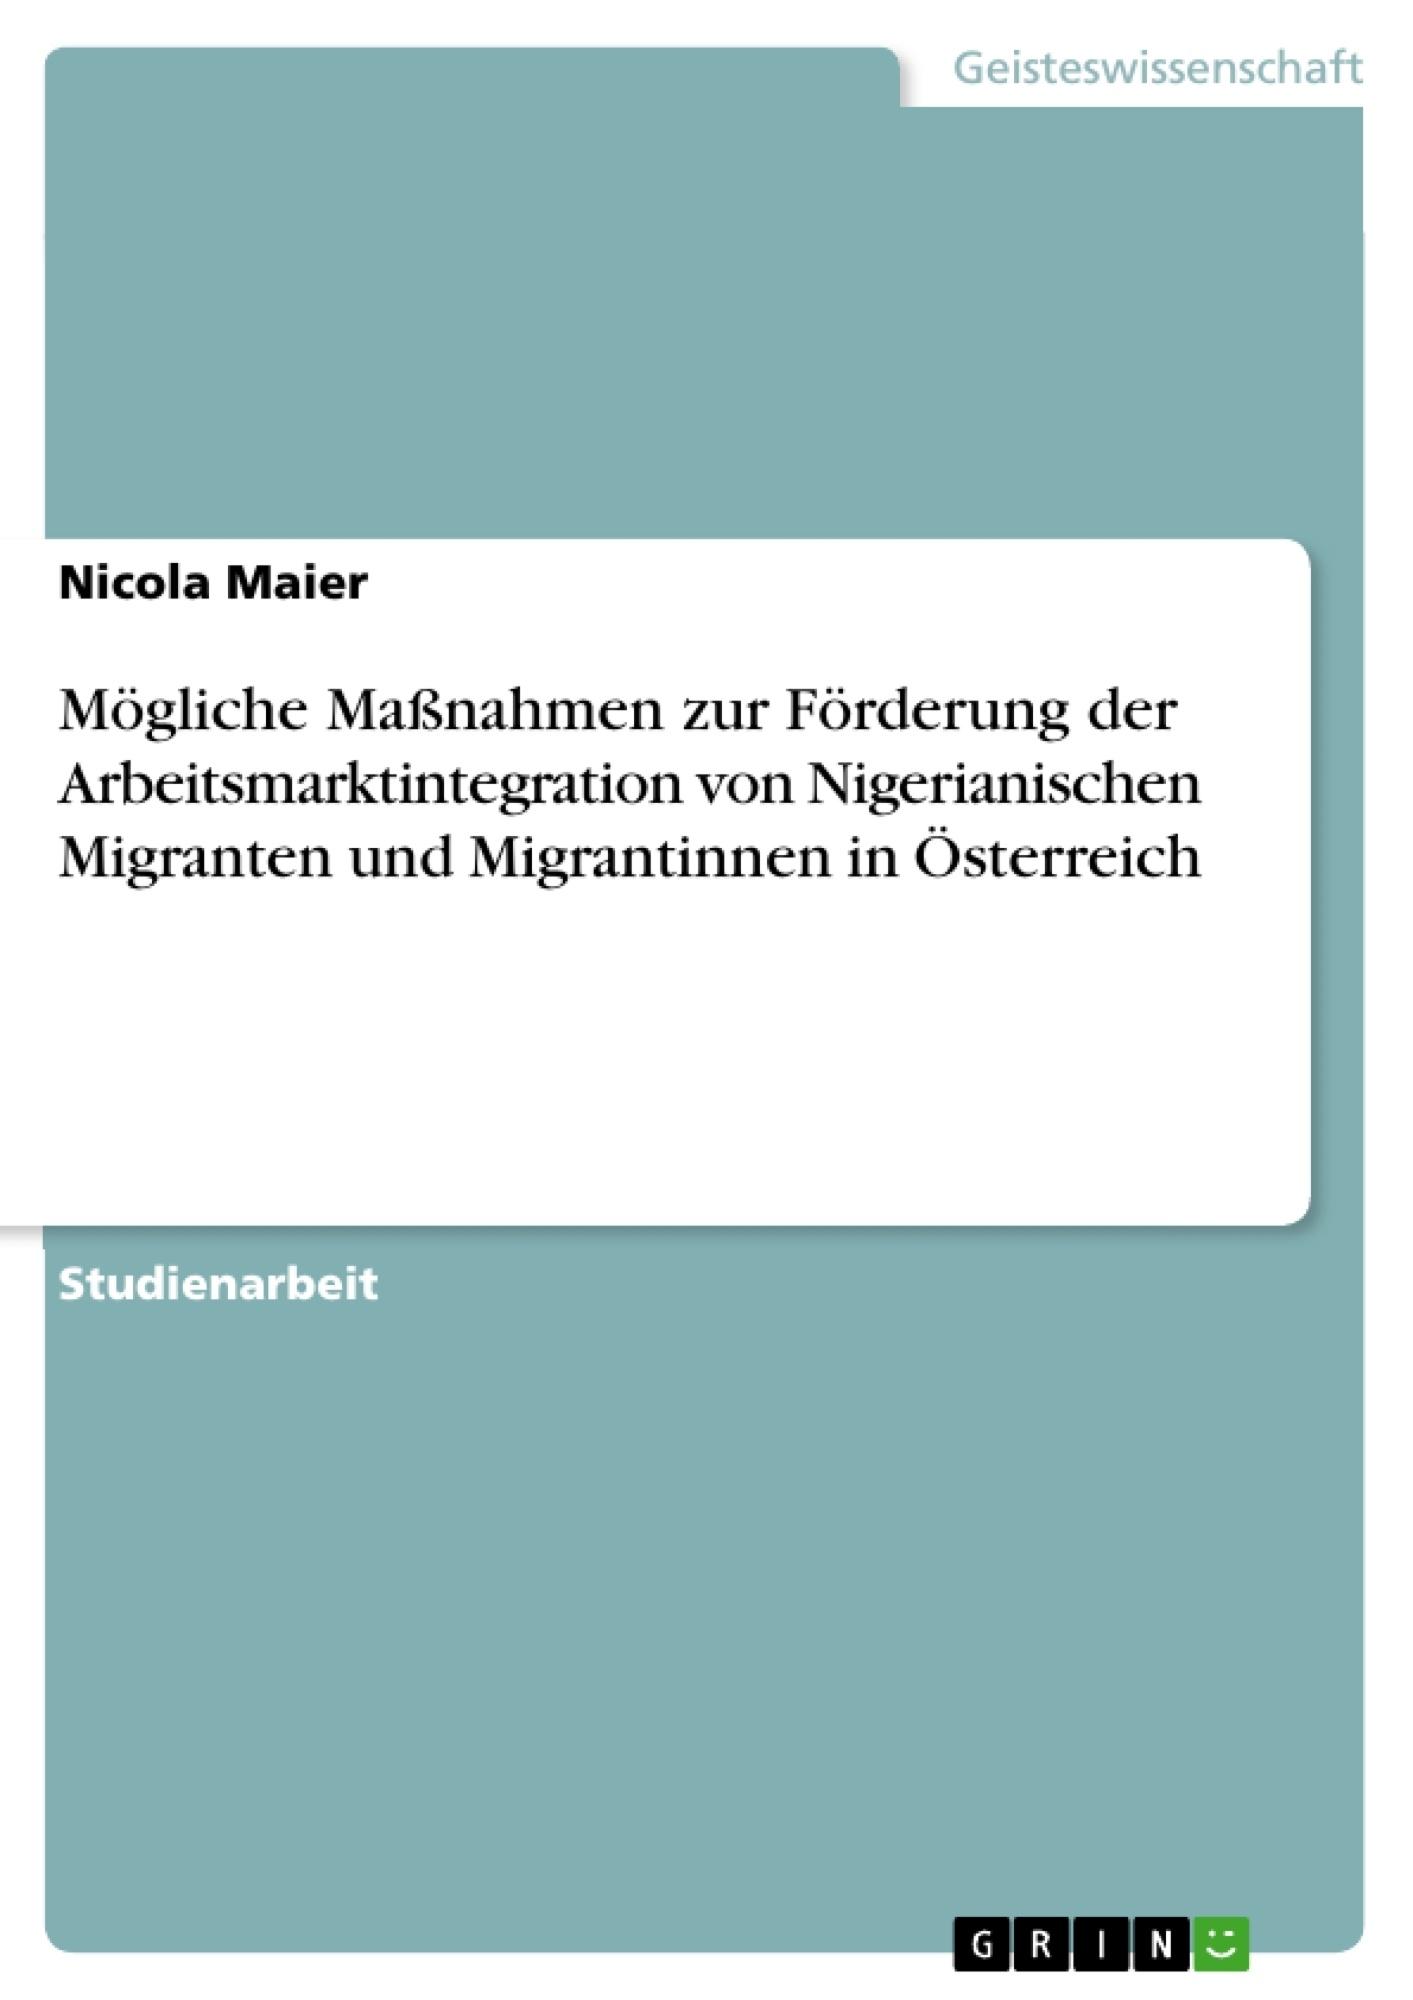 Titel: Mögliche Maßnahmen zur Förderung der Arbeitsmarktintegration von Nigerianischen Migranten und Migrantinnen in Österreich